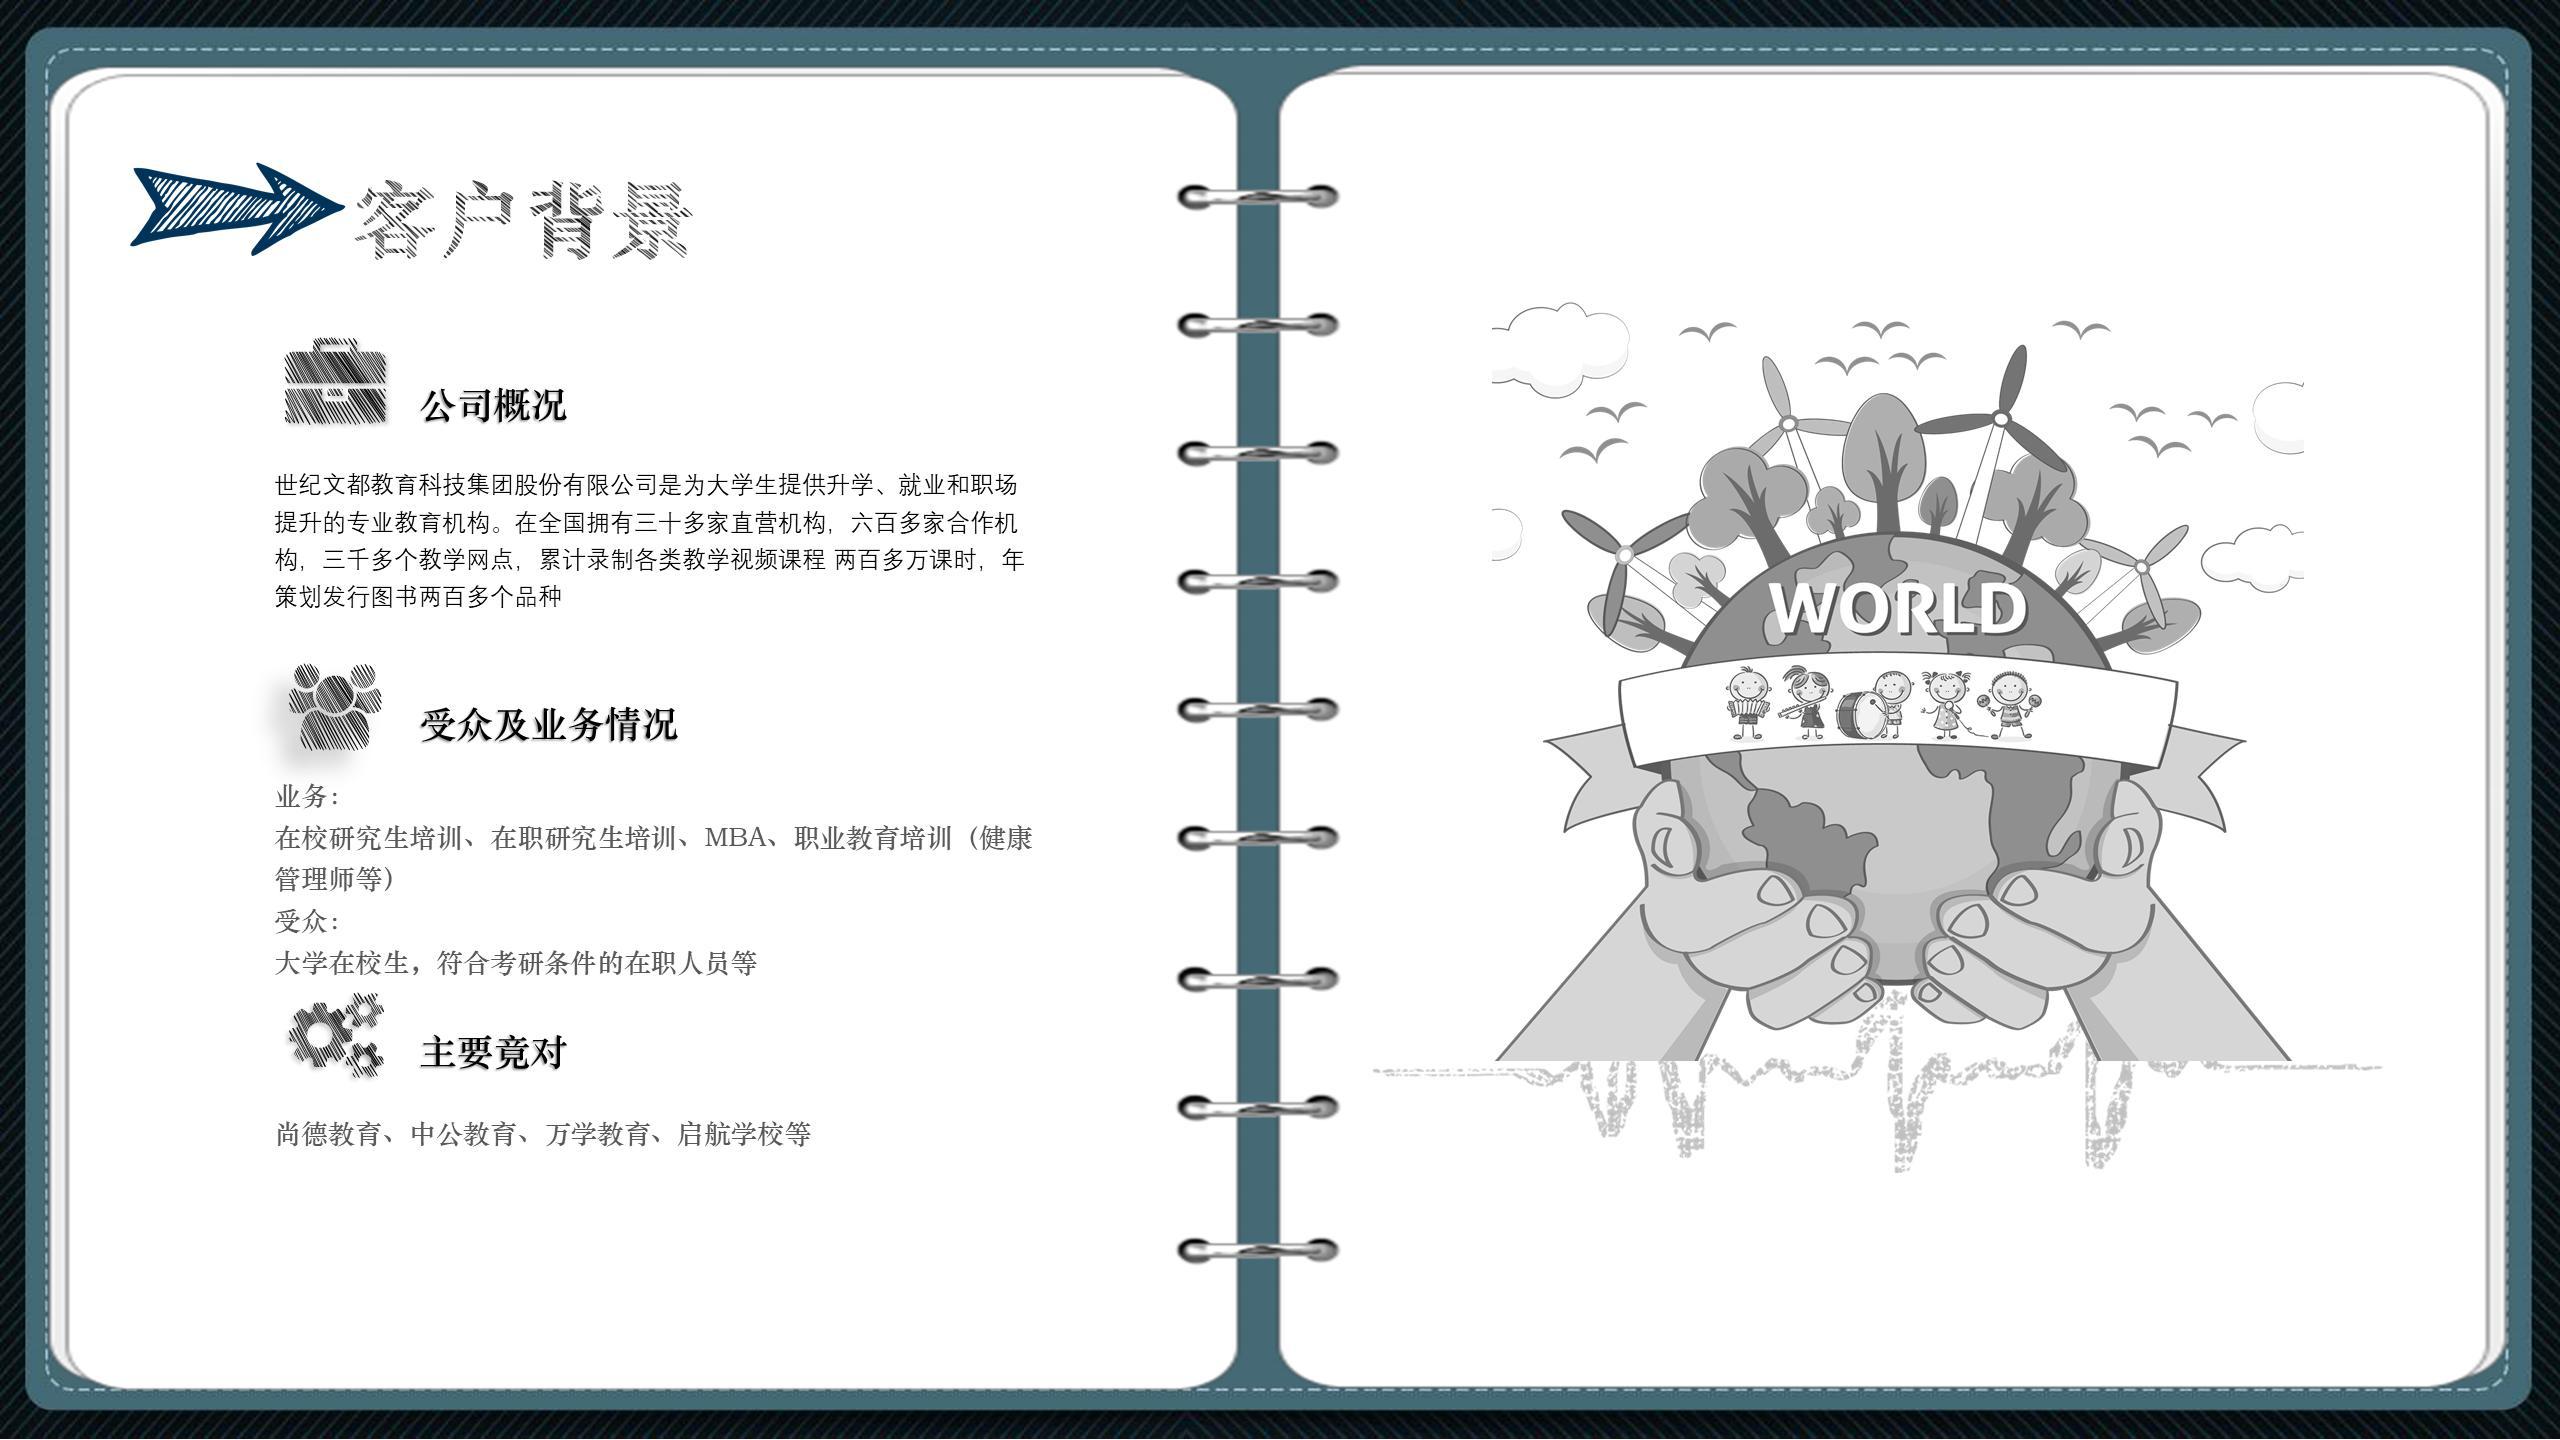 教育培训【直销】北分-世纪文都案例脱敏版_05.jpg